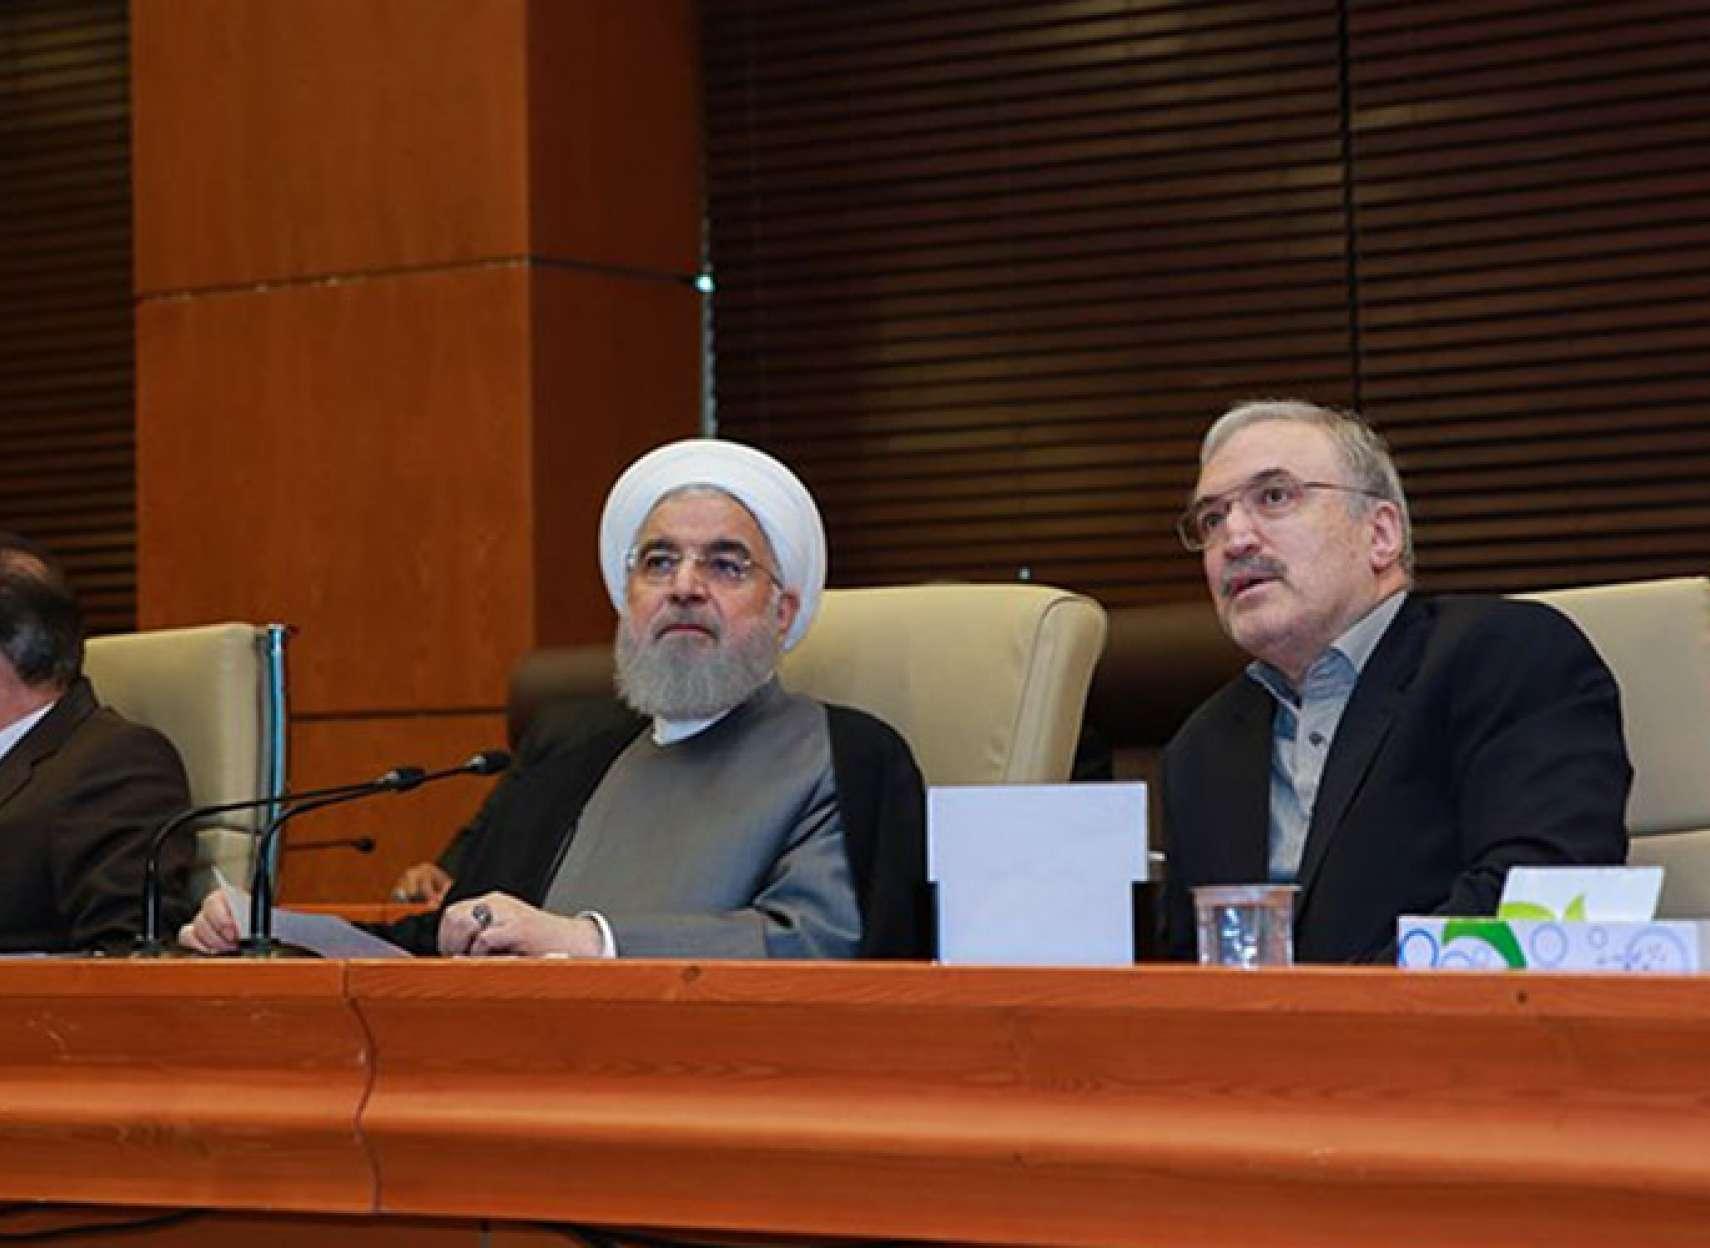 ایران-استار-گزارش-می-دهد-بازی-خطرناک-دولت-ایران-در-اوج-کرونا